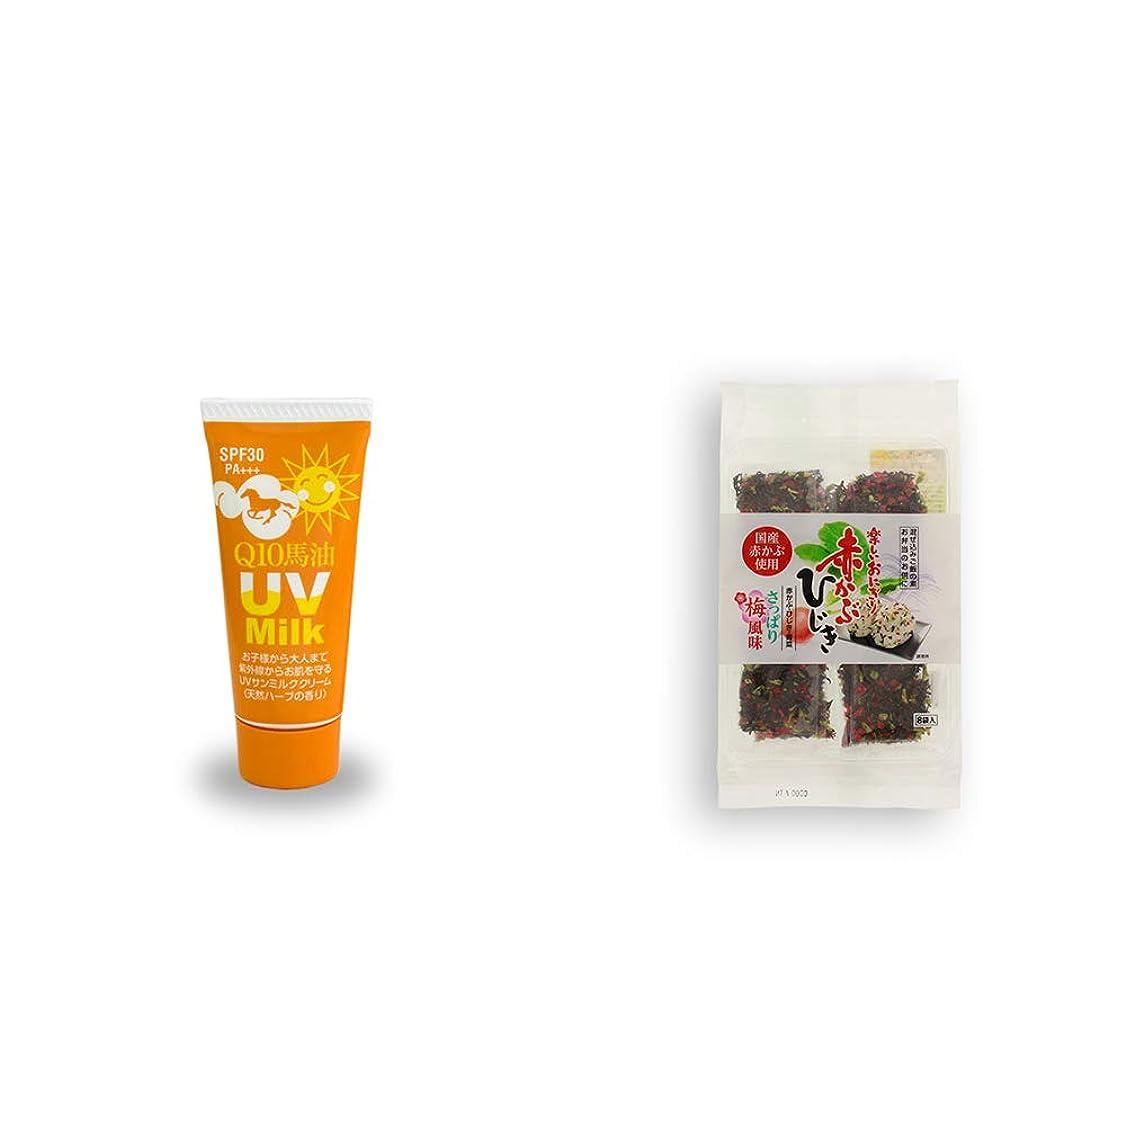 縁石ロードハウススカート[2点セット] 炭黒泉 Q10馬油 UVサンミルク[天然ハーブ](40g)?楽しいおにぎり 赤かぶひじき(8g×8袋)